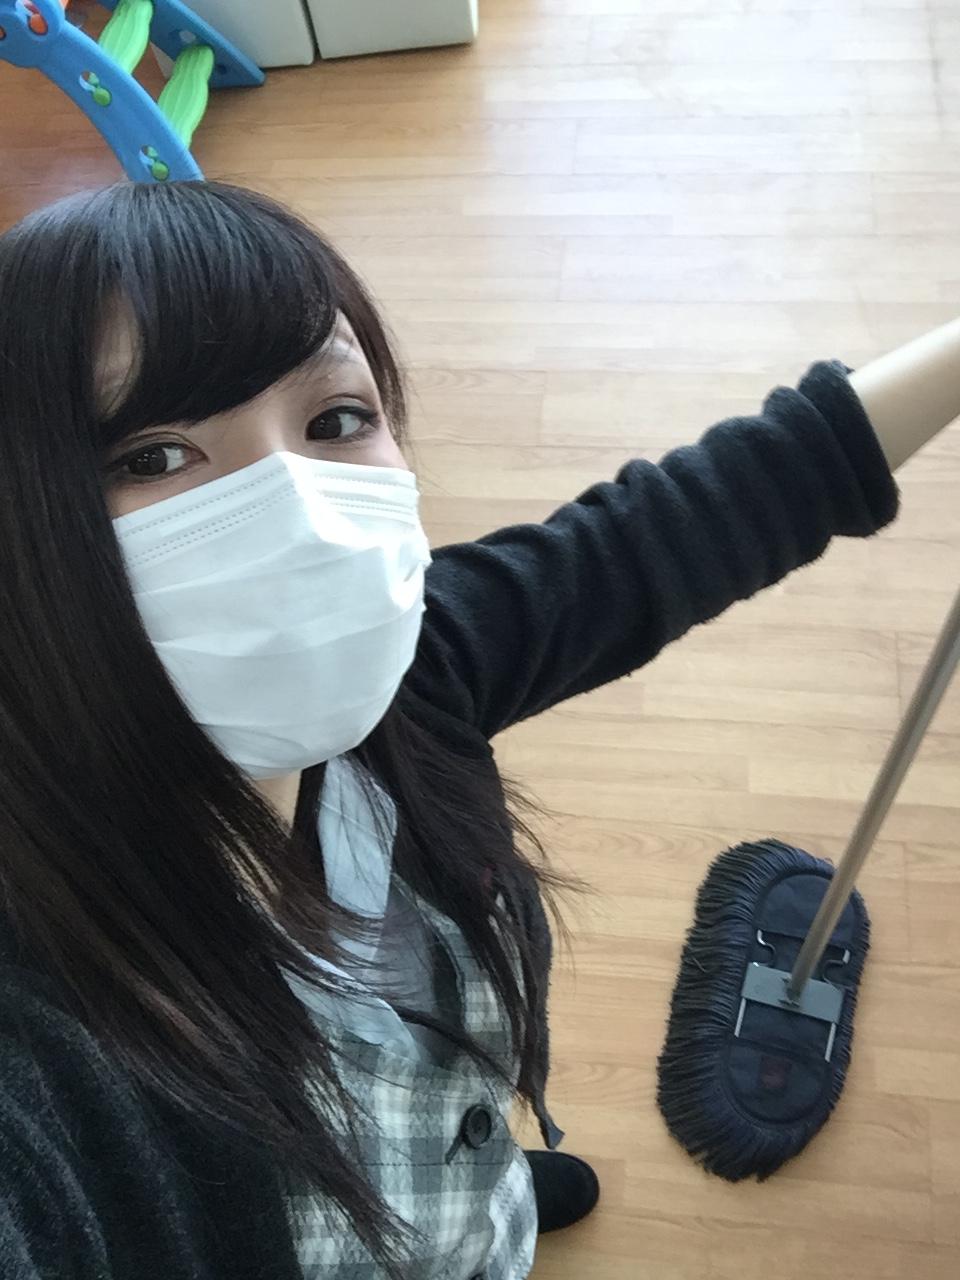 2月13日 火曜日のひとログ(´▽`) エスカレード♬レンタカーあります!!購入も可♬TOMMY_b0127002_17103548.jpg